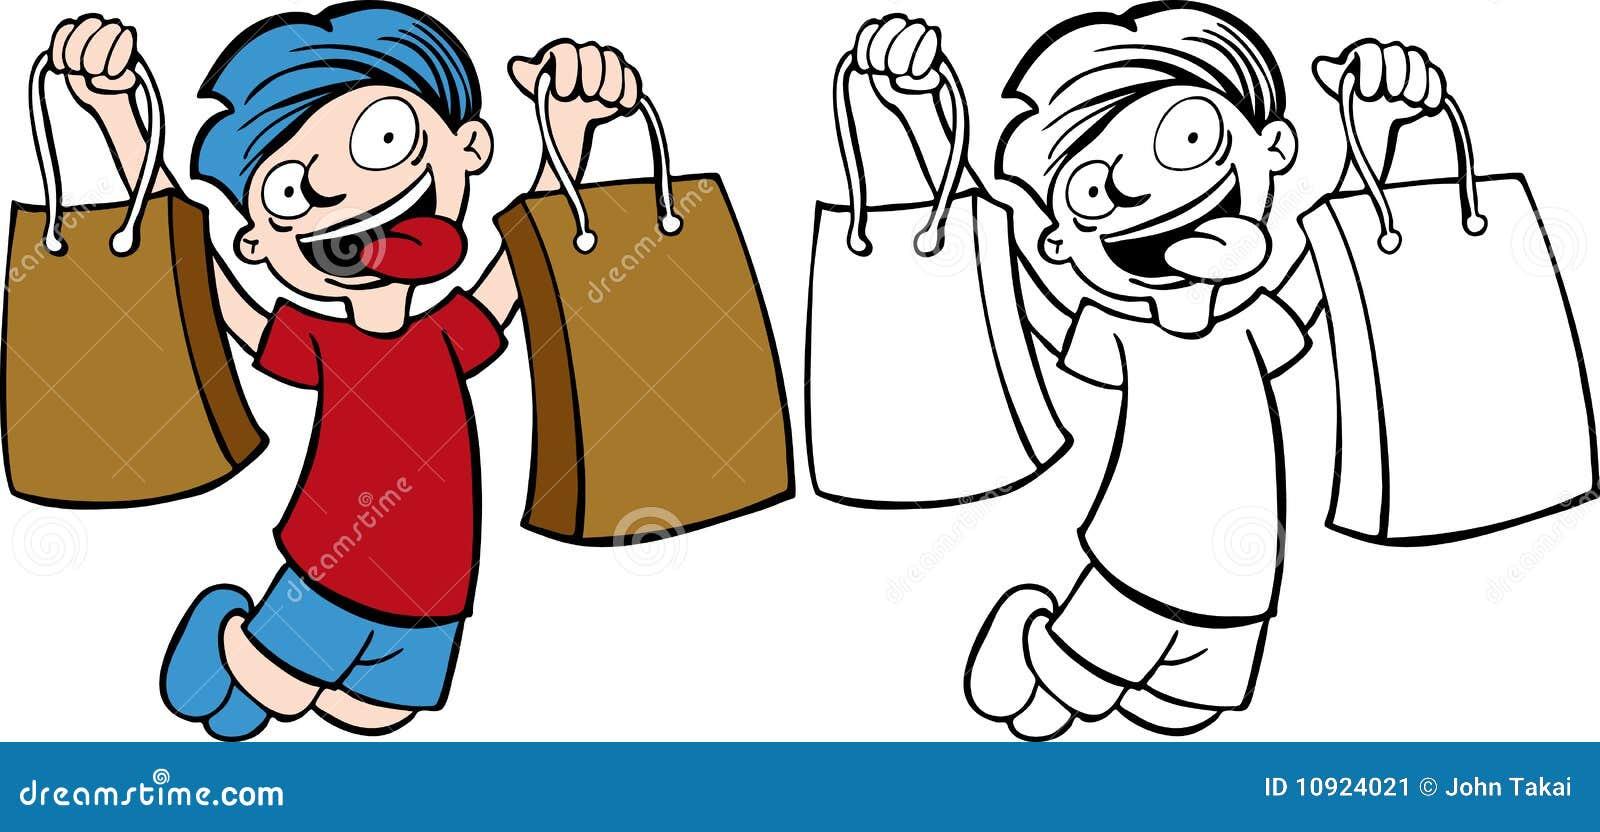 Kid Shopping Stock Image - Image: 10924021